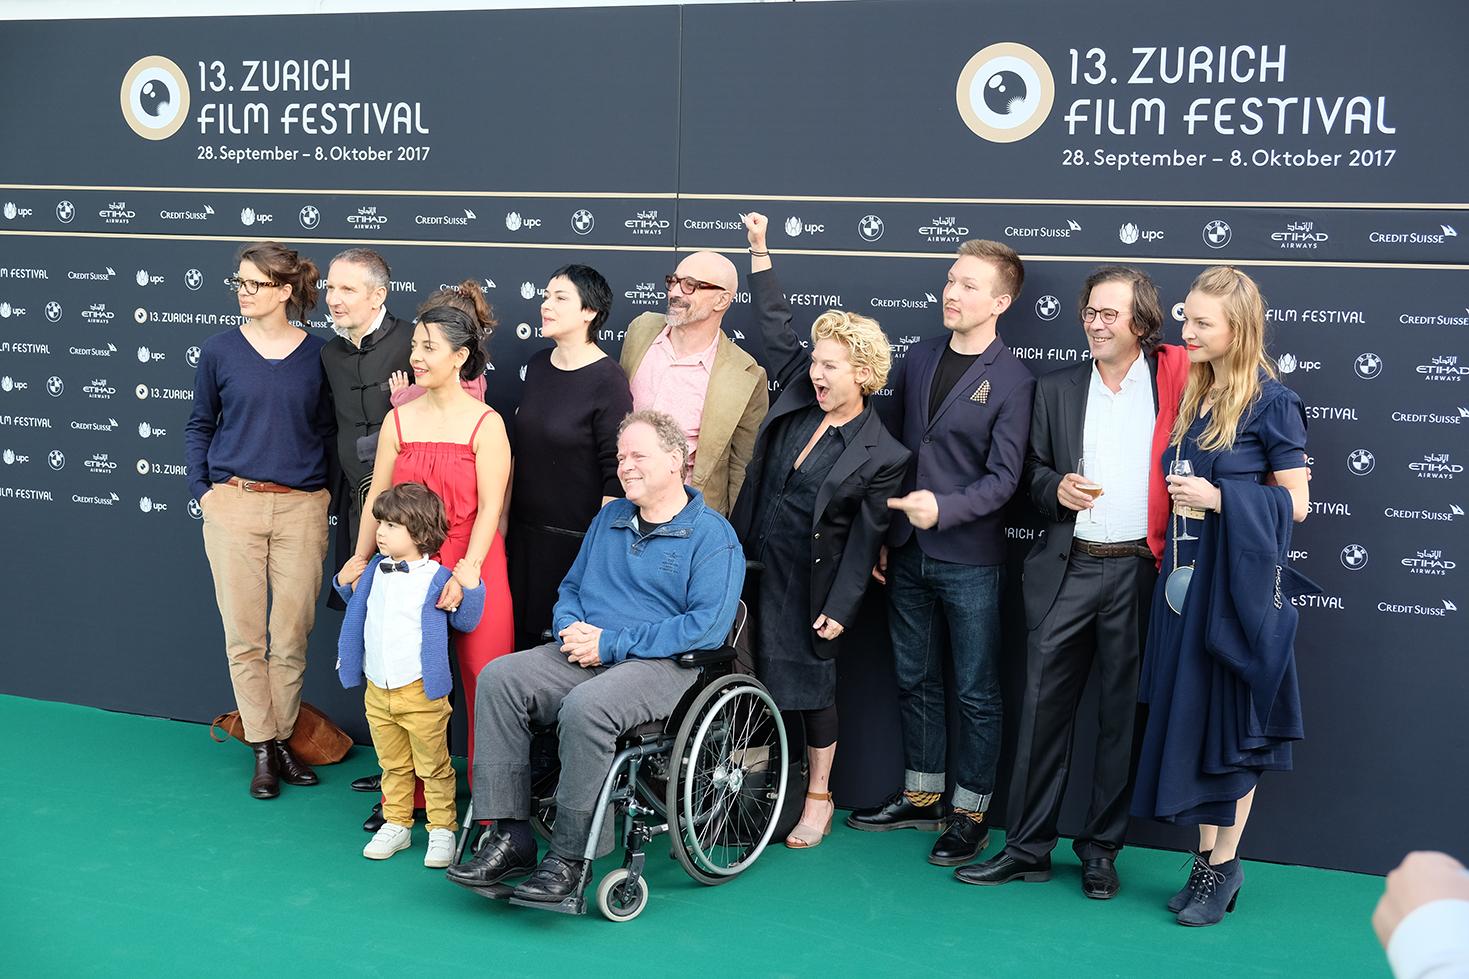 Die Gentrifizierung bin ich, Thomas Haemmerli, Premiere Zurich Film Festival Crew freude